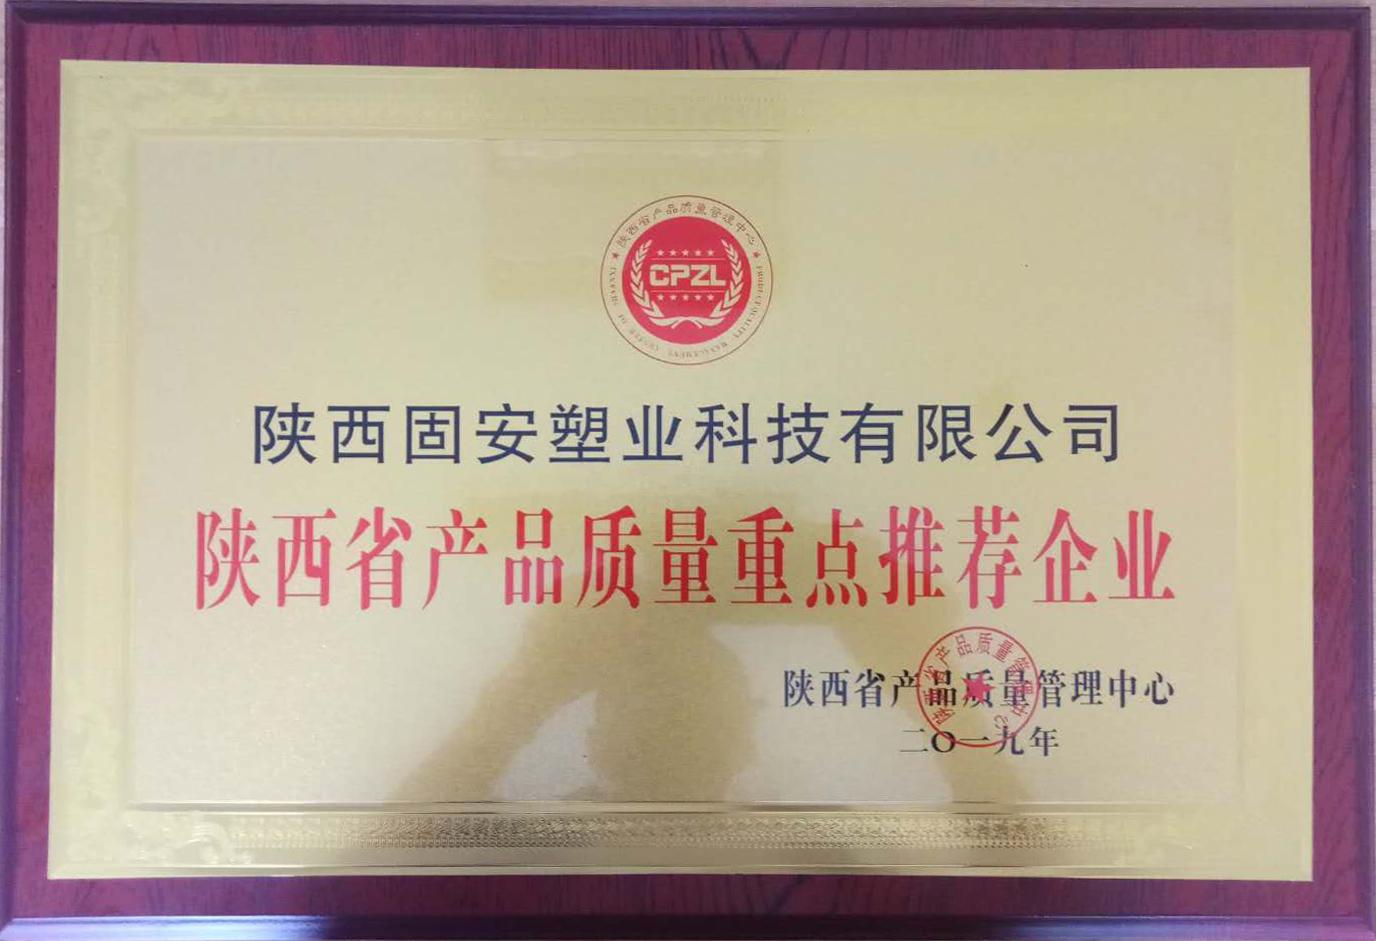 陕西省产品质量推荐企业